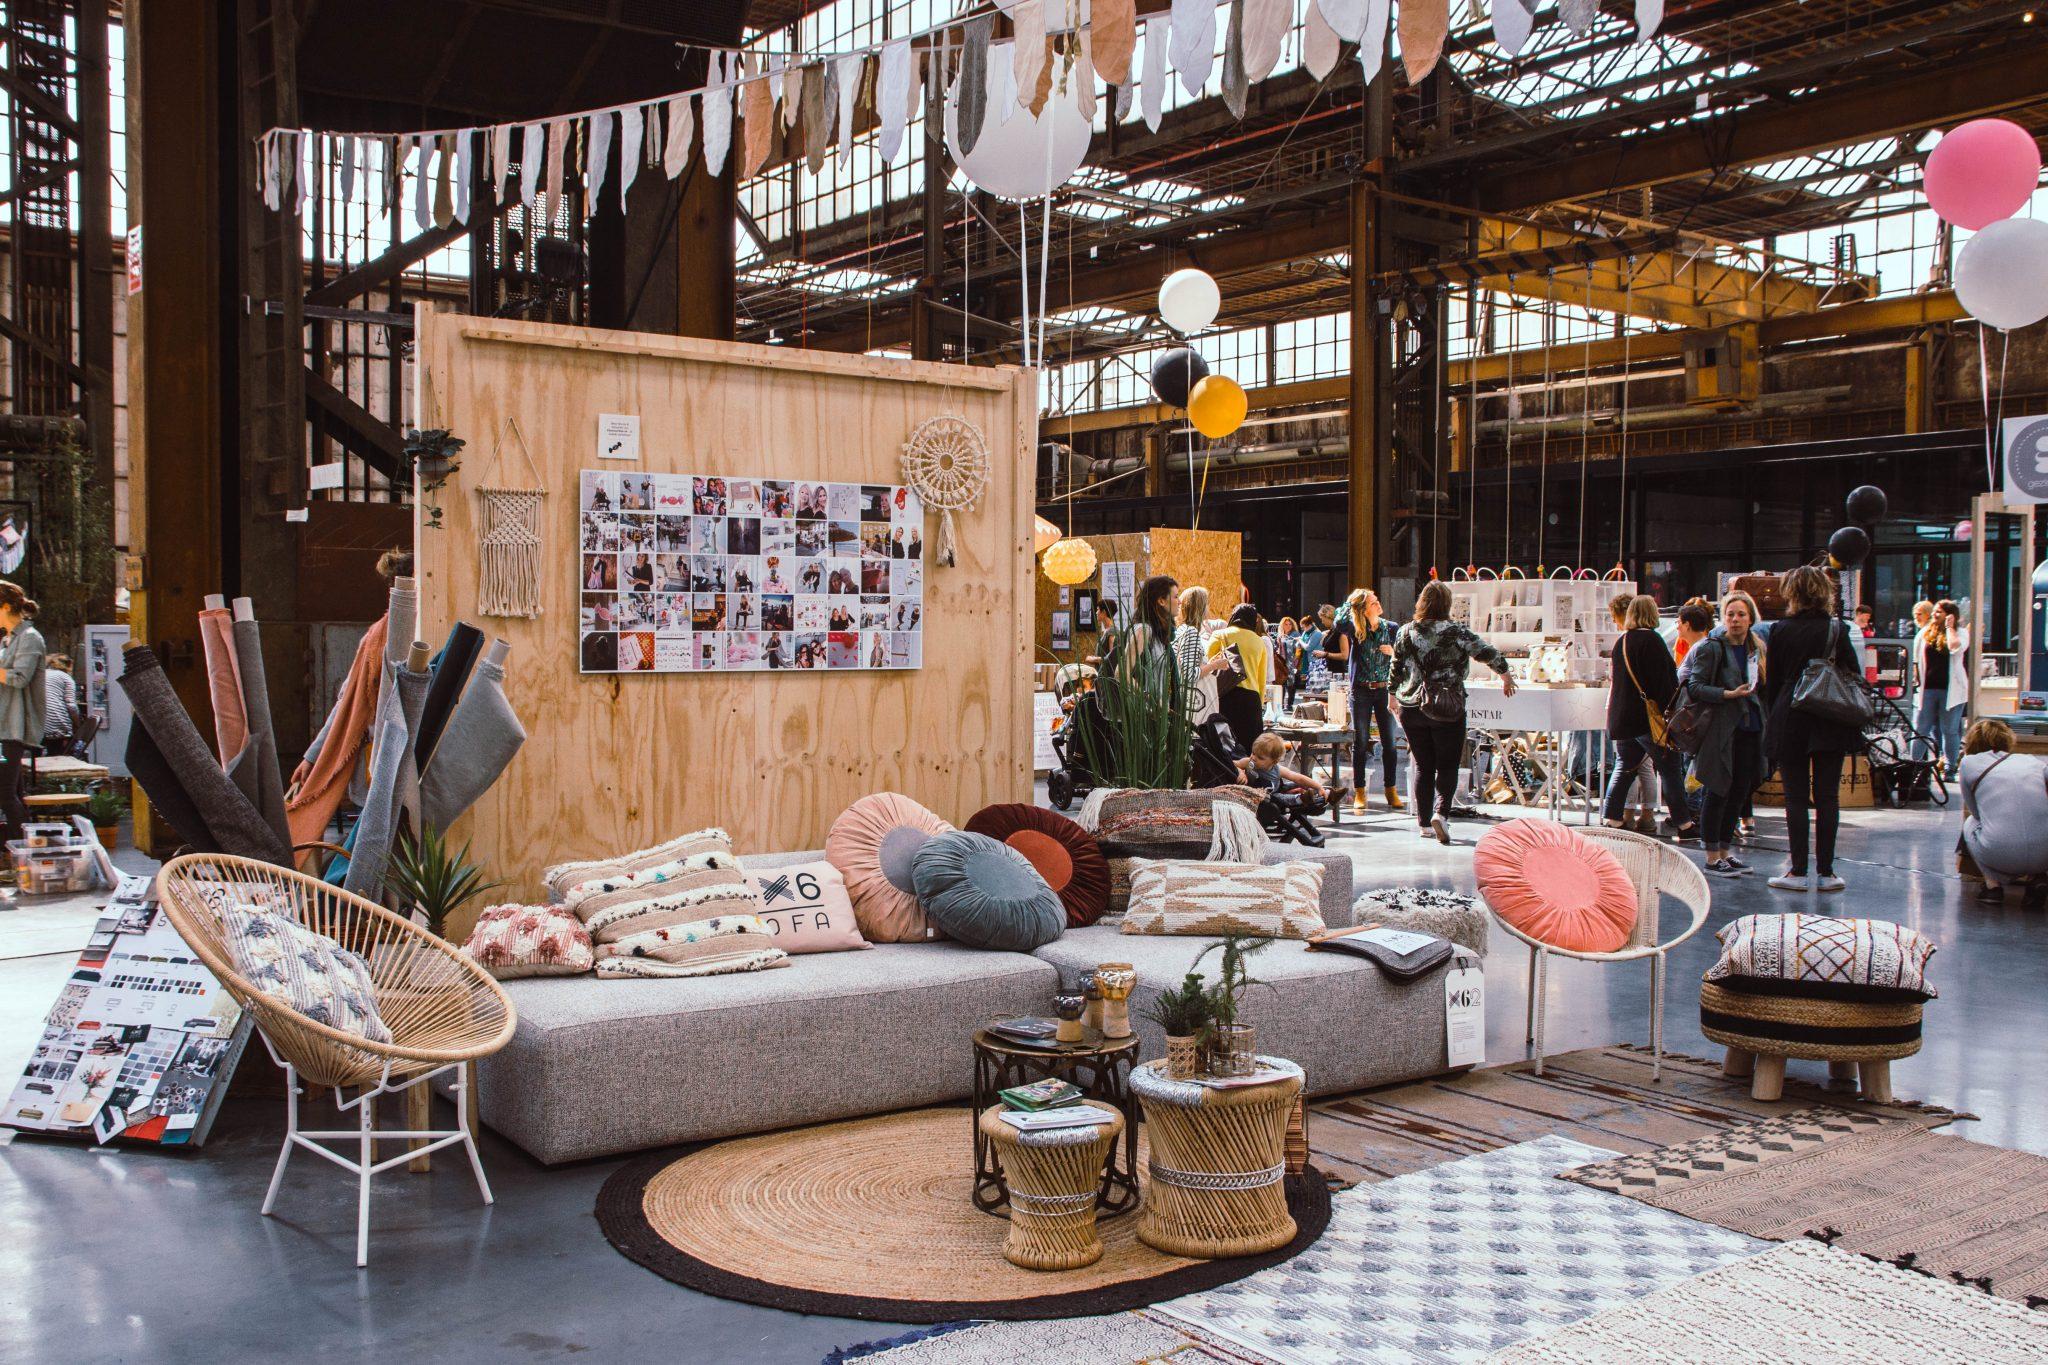 De Werkspoorkathedraal in Utrecht: een creatieve ontmoetingsplek en unieke eventlocatie